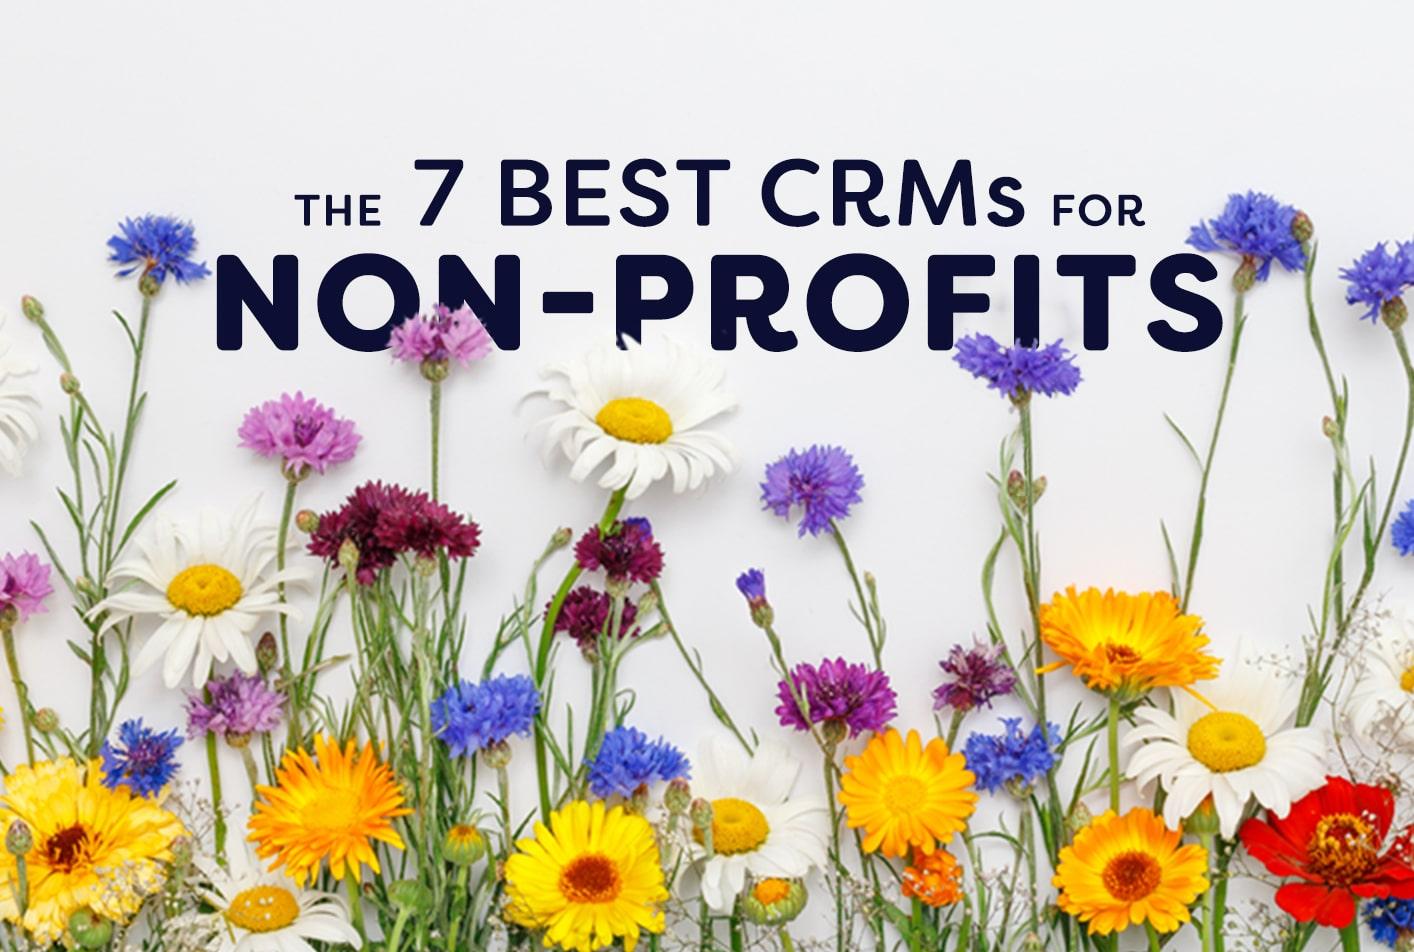 best crms for nonprofits non-profit crm